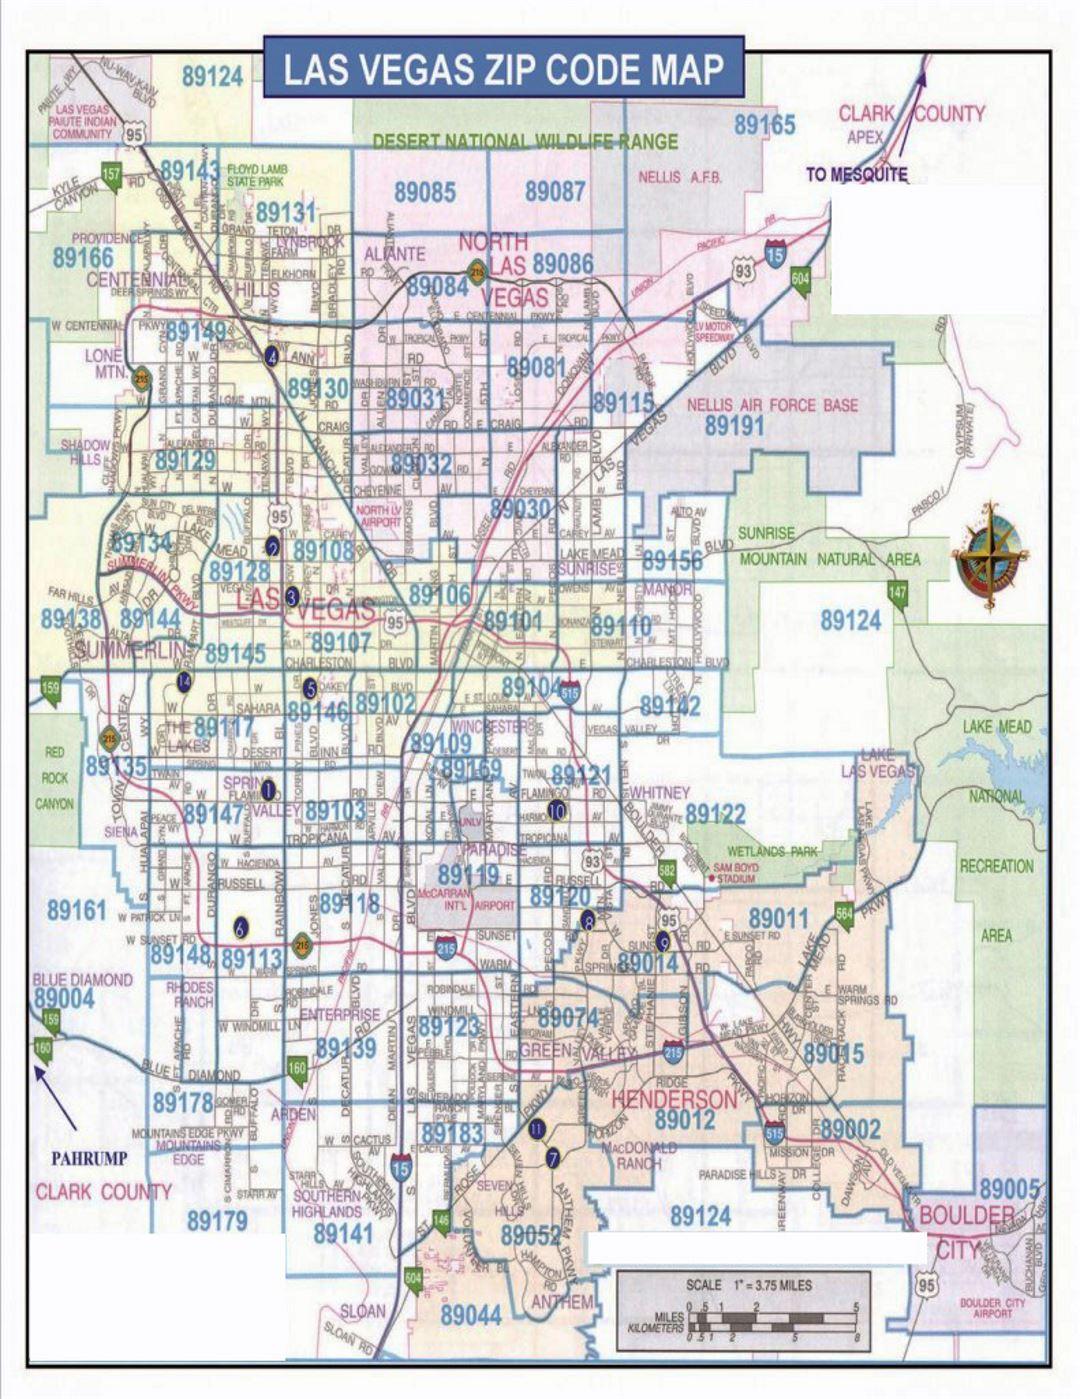 Detailed Las Vegas Zip Code Map Las Vegas Nevada State USA - Us zip code map by state